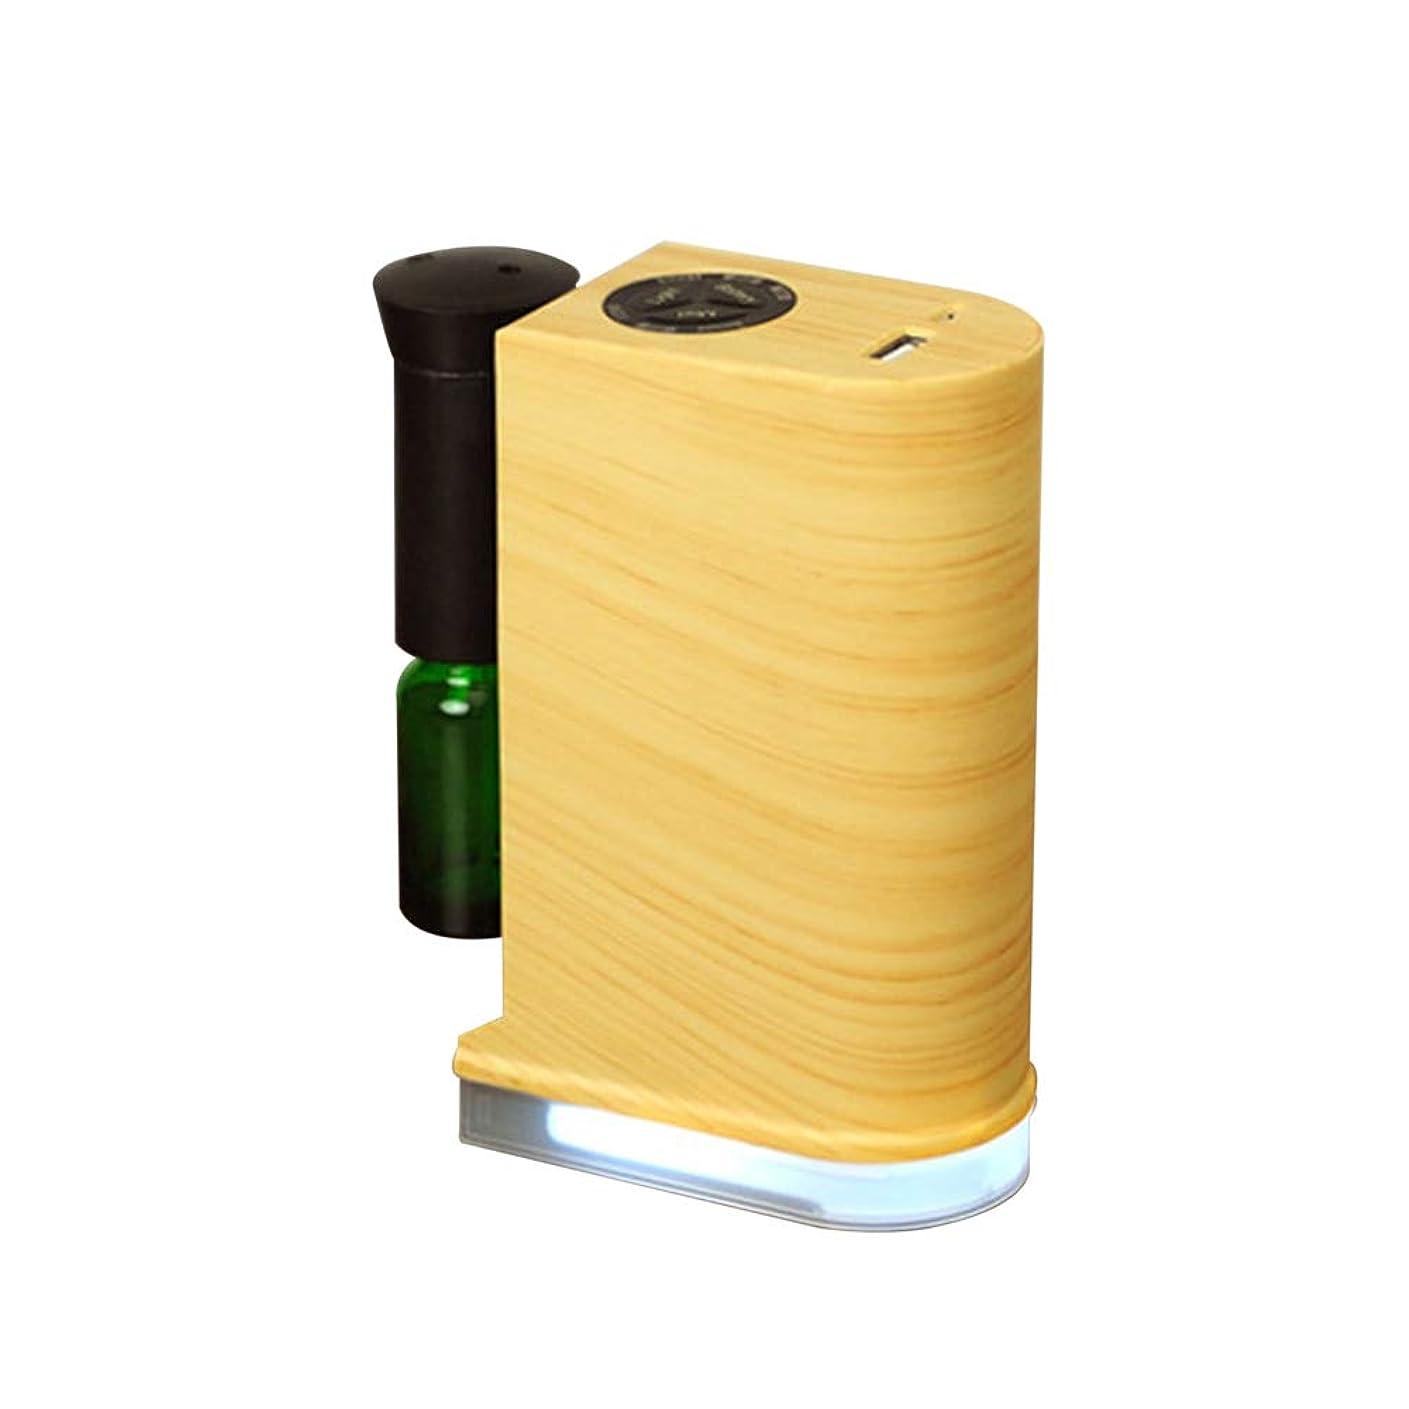 アブセイ例省ネブライザー式アロマディフューザー 水を使わない アロマオイル対応 LEDライト付き スマホ充電可能 USBポート付き 木目調 (ナチュラル)